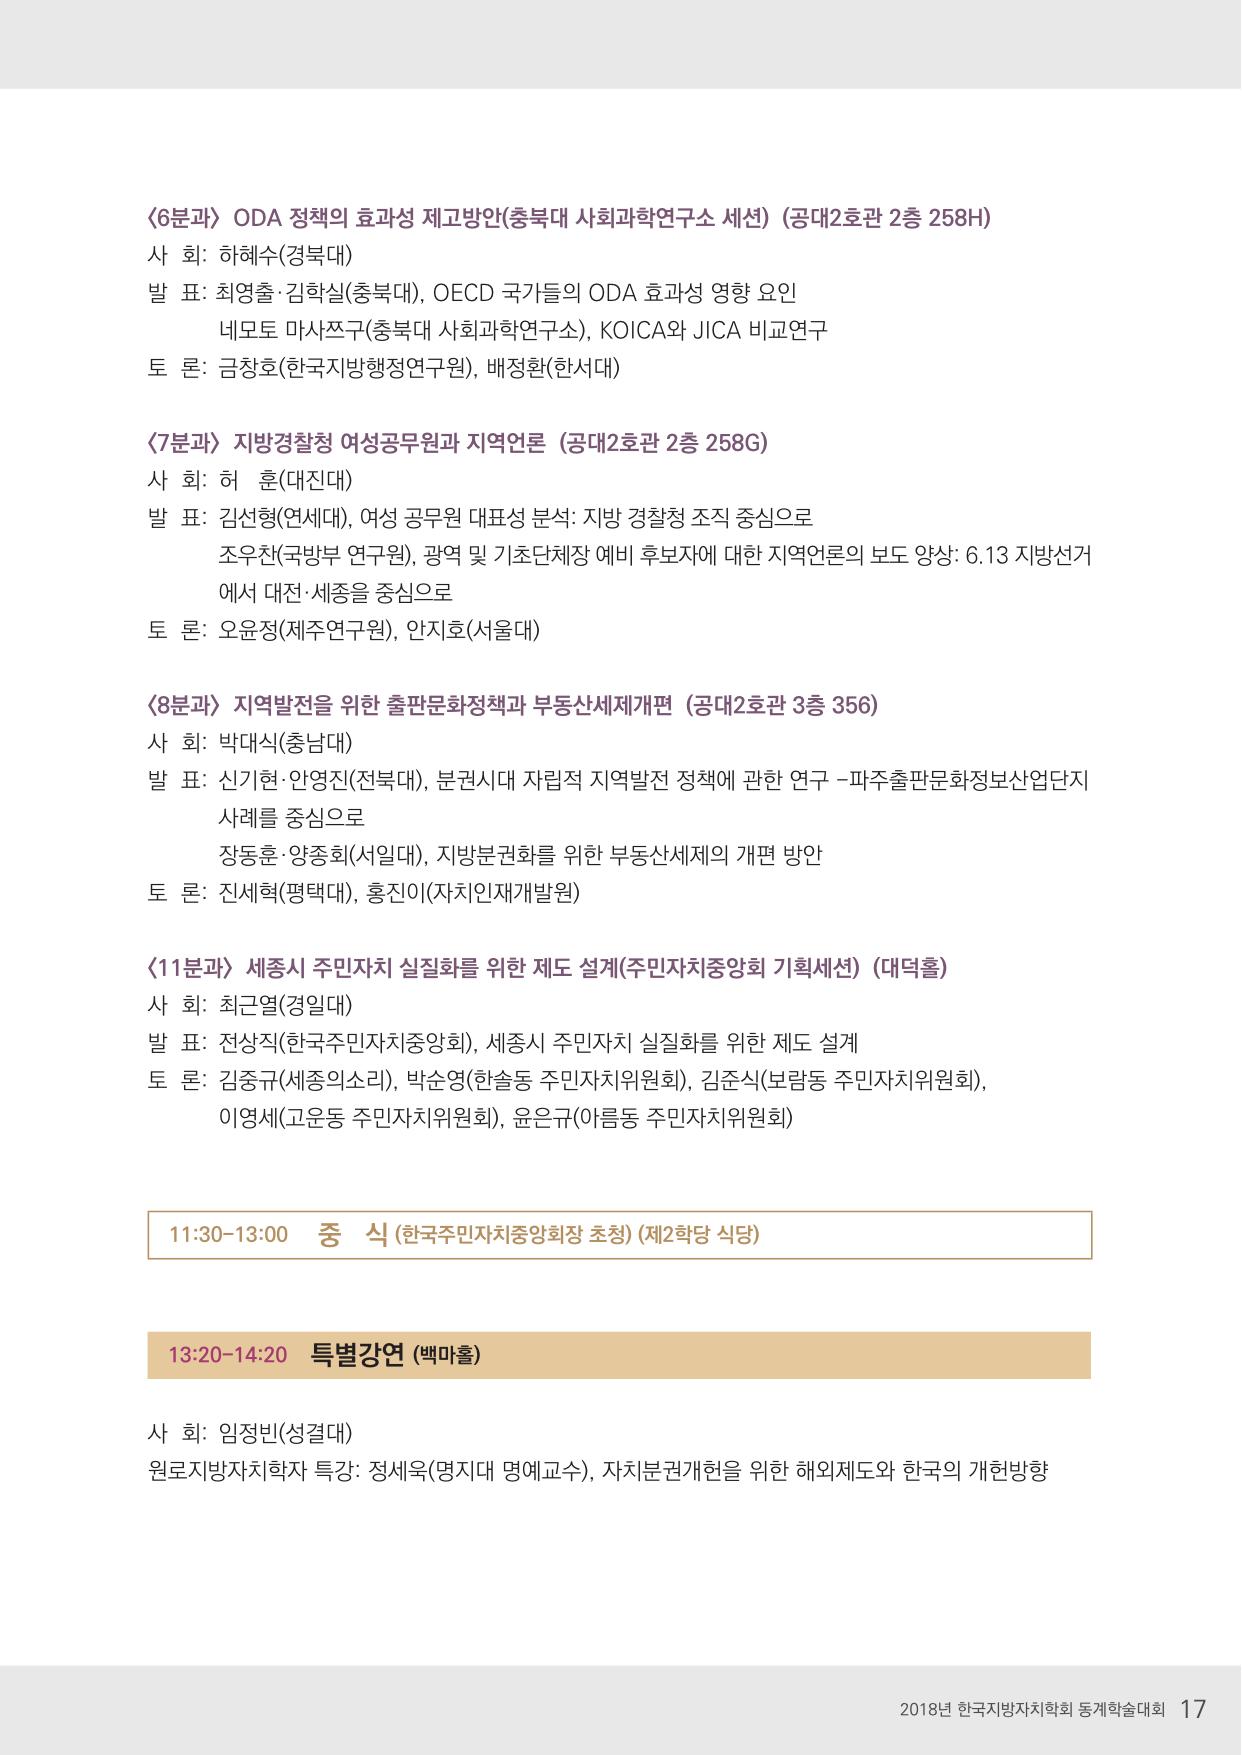 초청장_동계학술대회_한국지방자치학회(최종본)-17.jpg